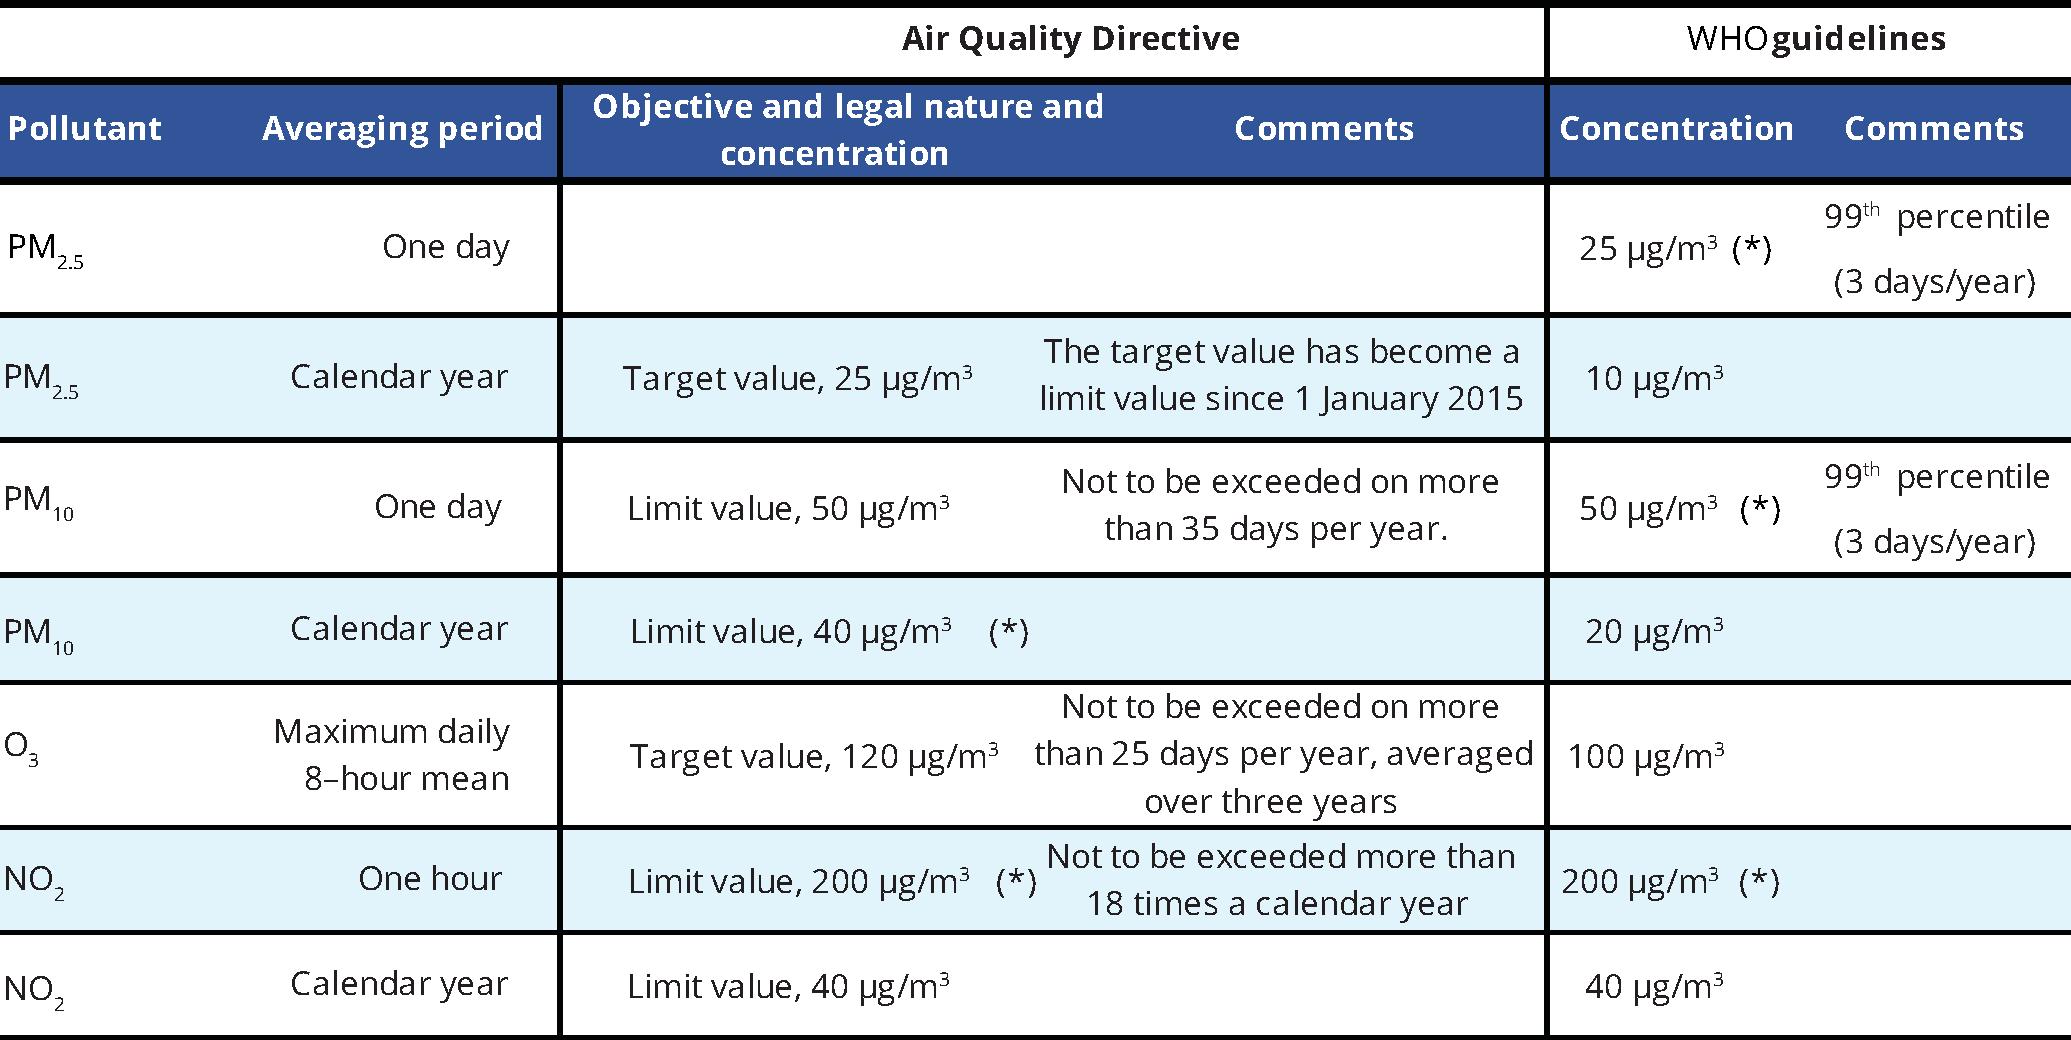 Outdoor Air Quality In Urban Areas European Environment